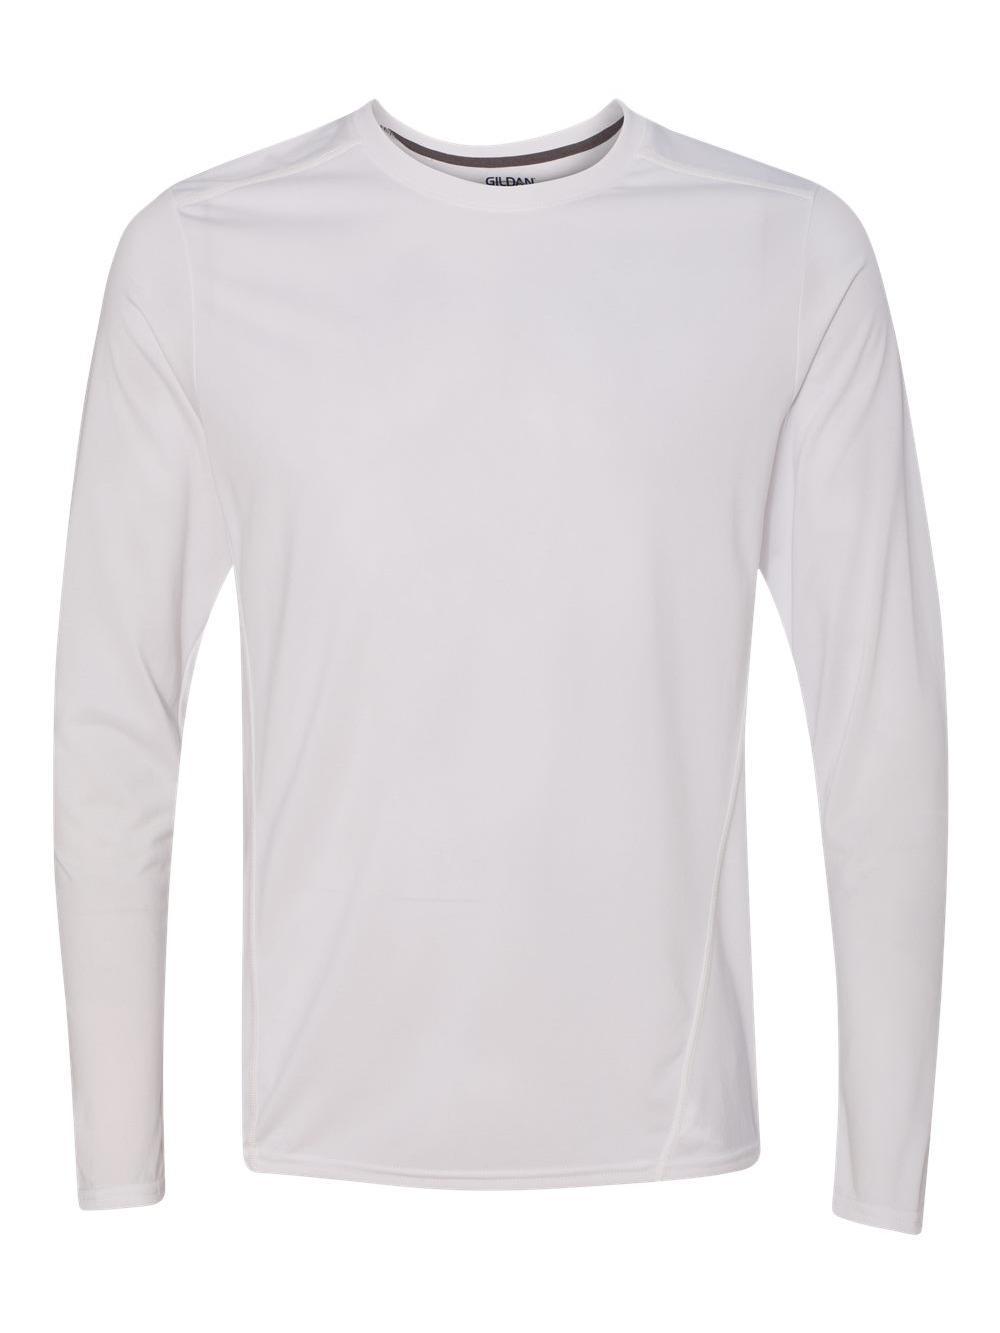 Gildan-Tech-Performance-Long-Sleeve-T-Shirt-47400 miniatura 24